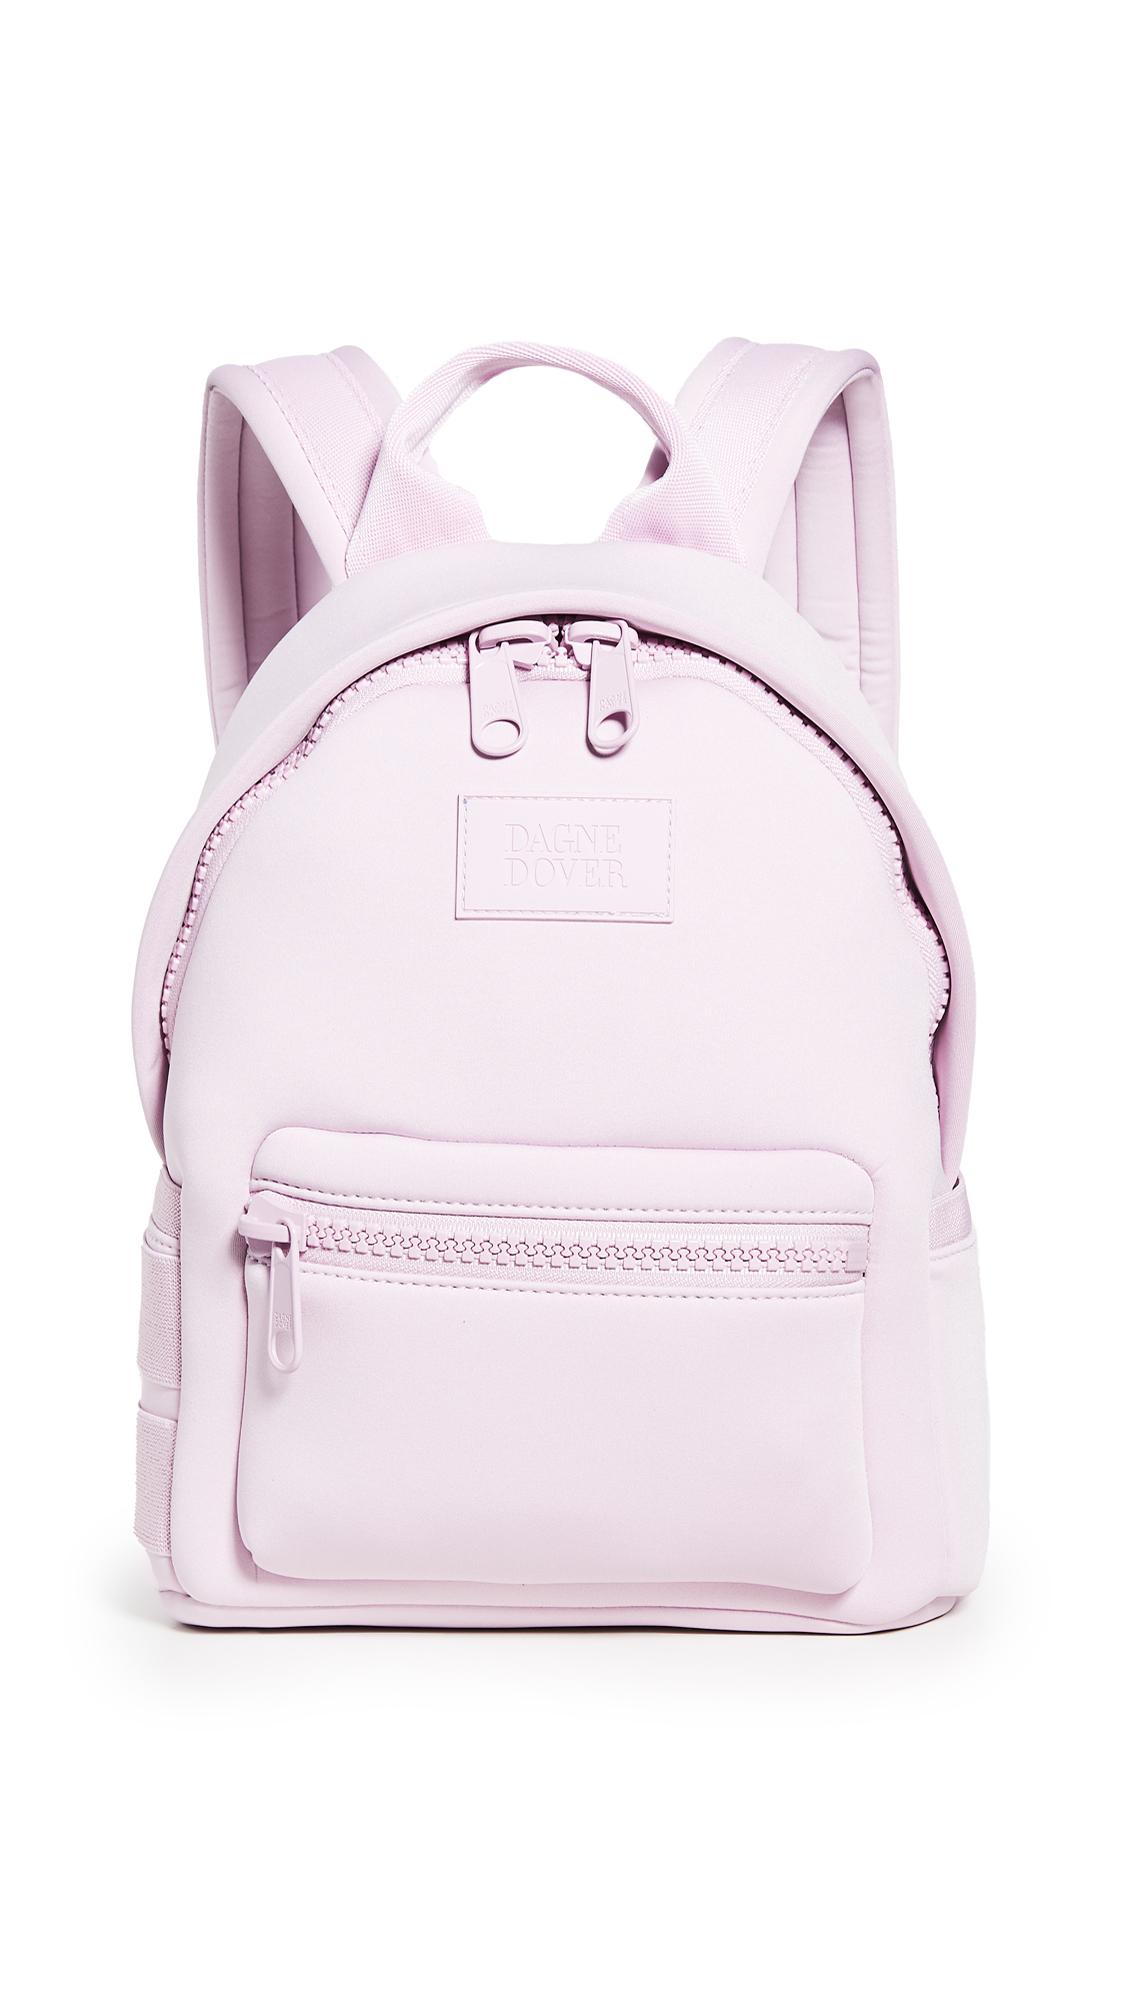 Dagne Dover Dakota Small Backpack